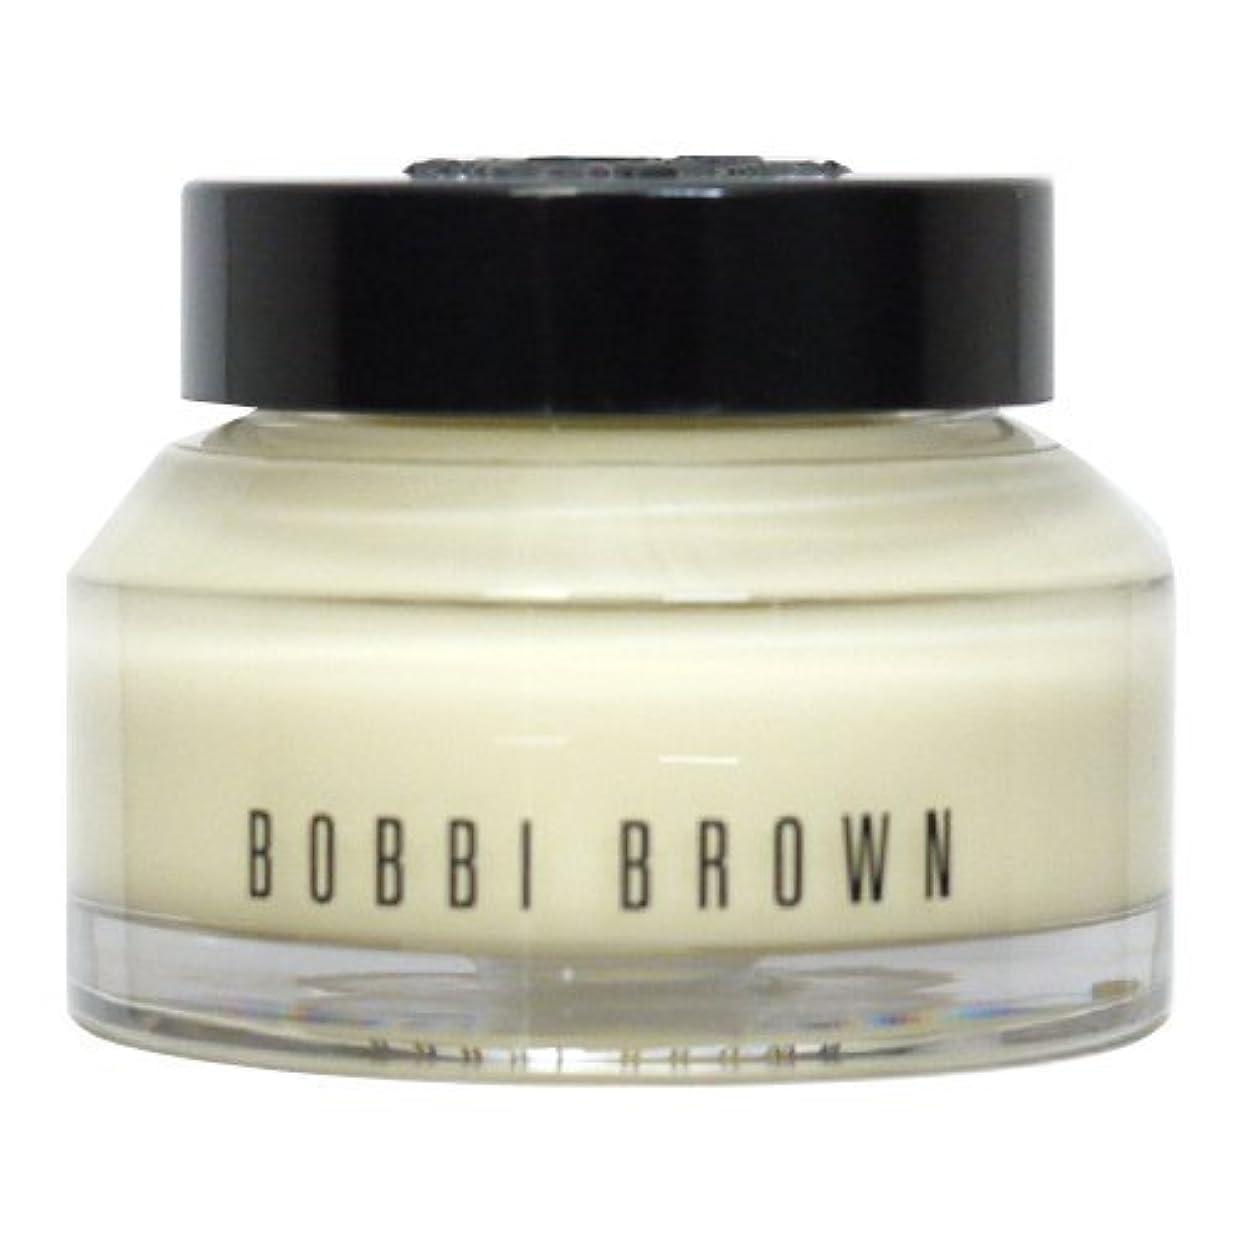 論争的原点転倒ボビイ ブラウン BOBBI BROWN ビタエンリッチド クリーム&フェイスベース 50mL 【並行輸入品】